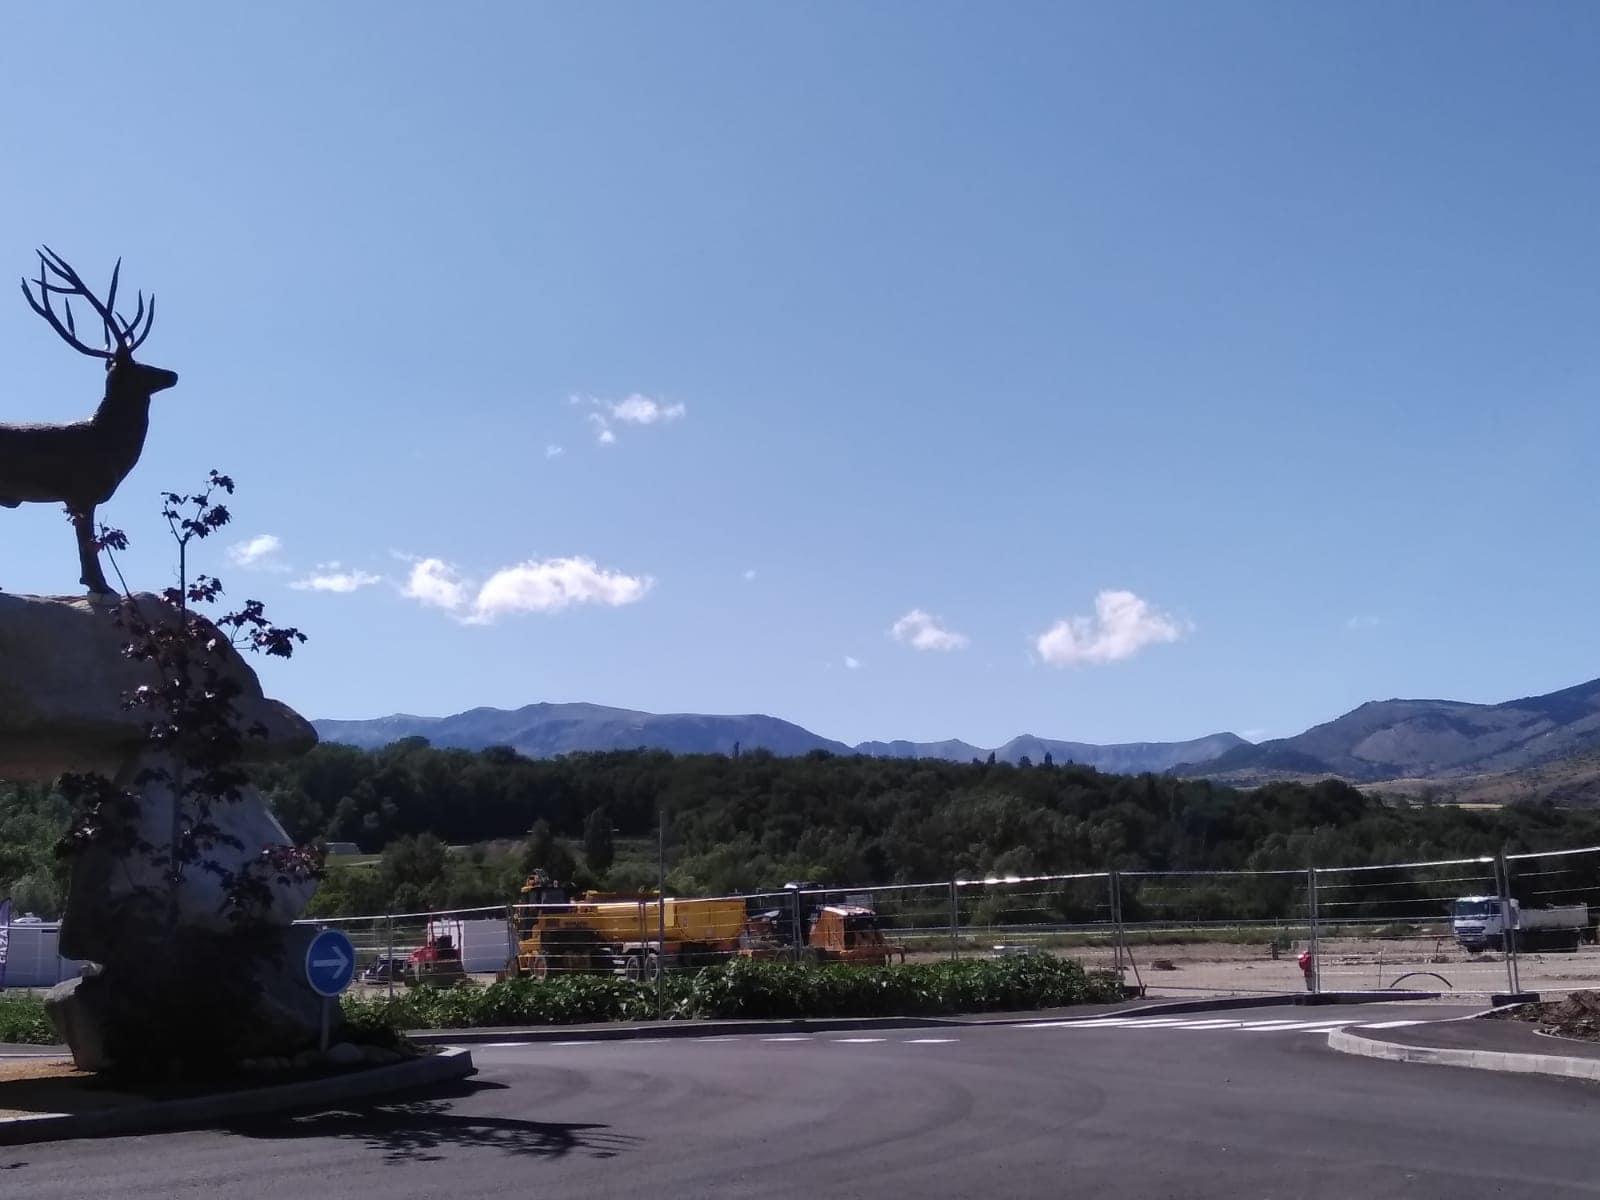 Carrefour obrirà portes en tres mesos a Ur-Puigcerdà amb la incògnita del Decathlon